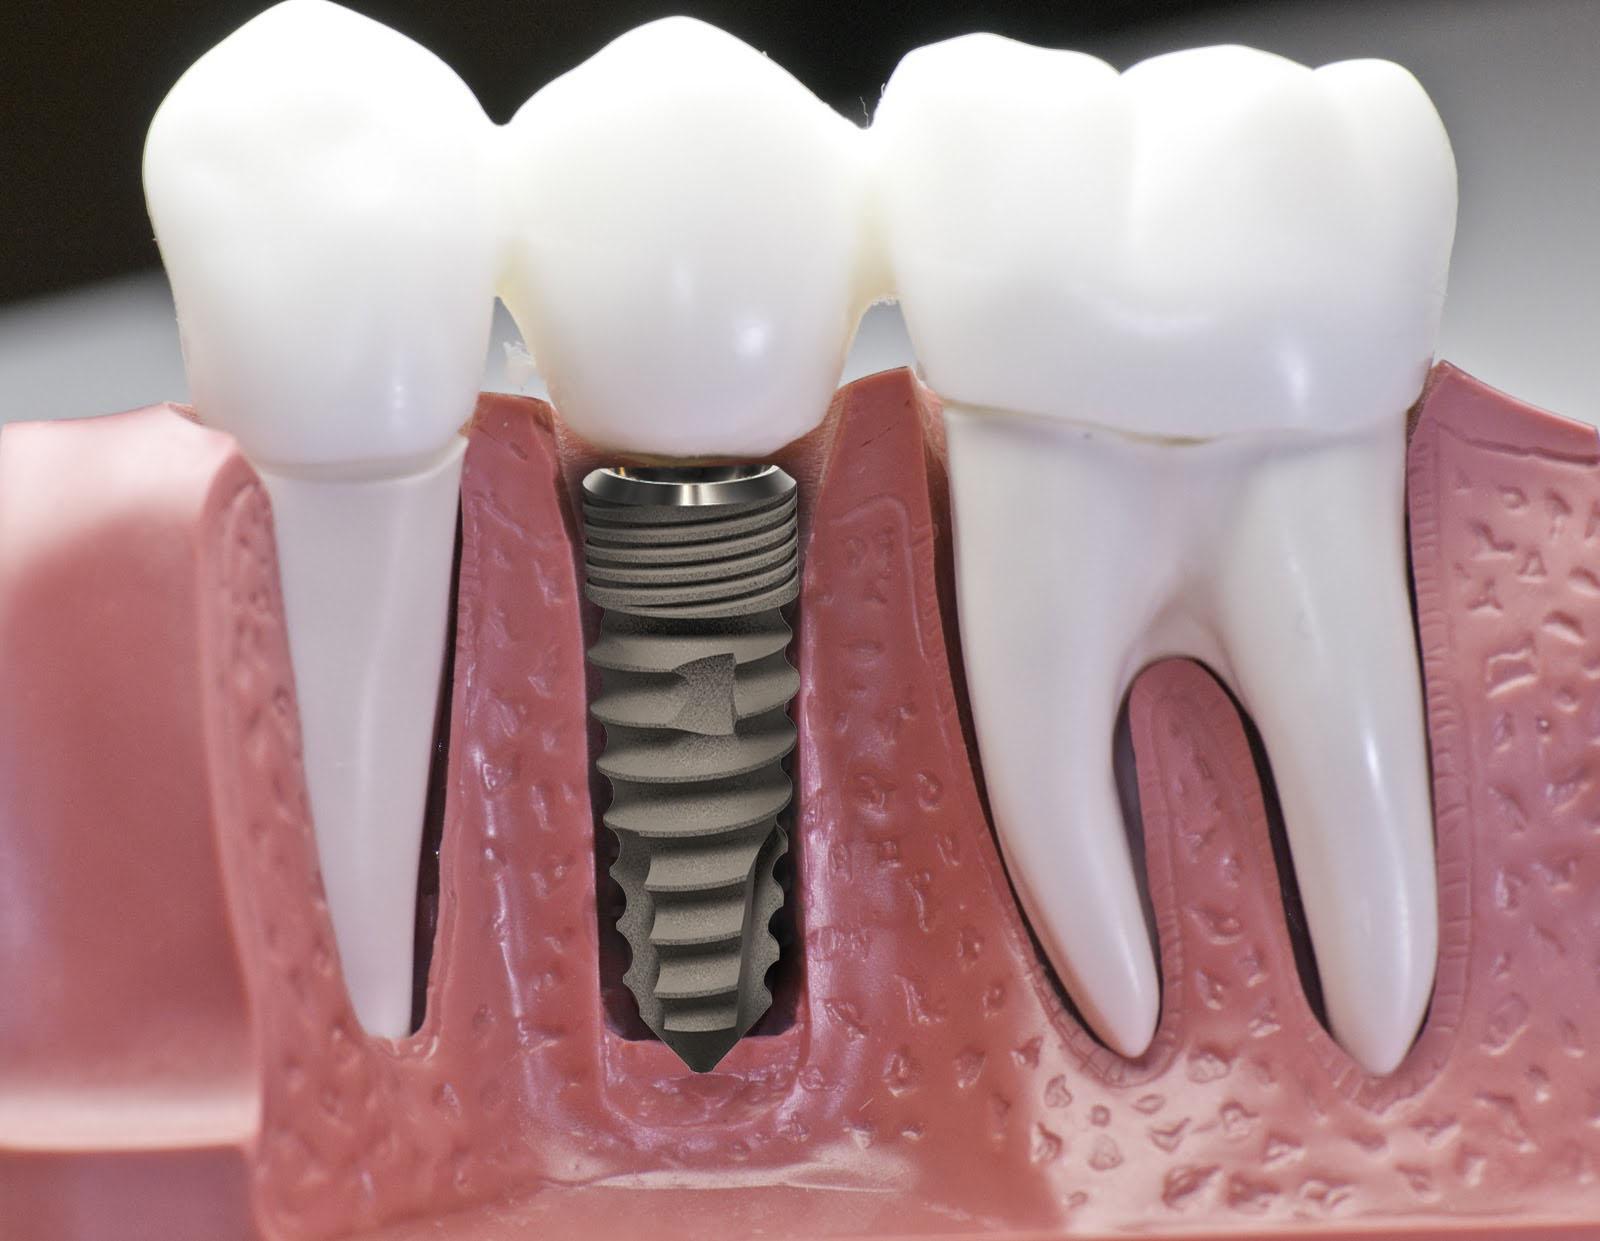 Trồng Răng Implant Có Đau Không? Nha Khoa Trồng Implant Uy Tín